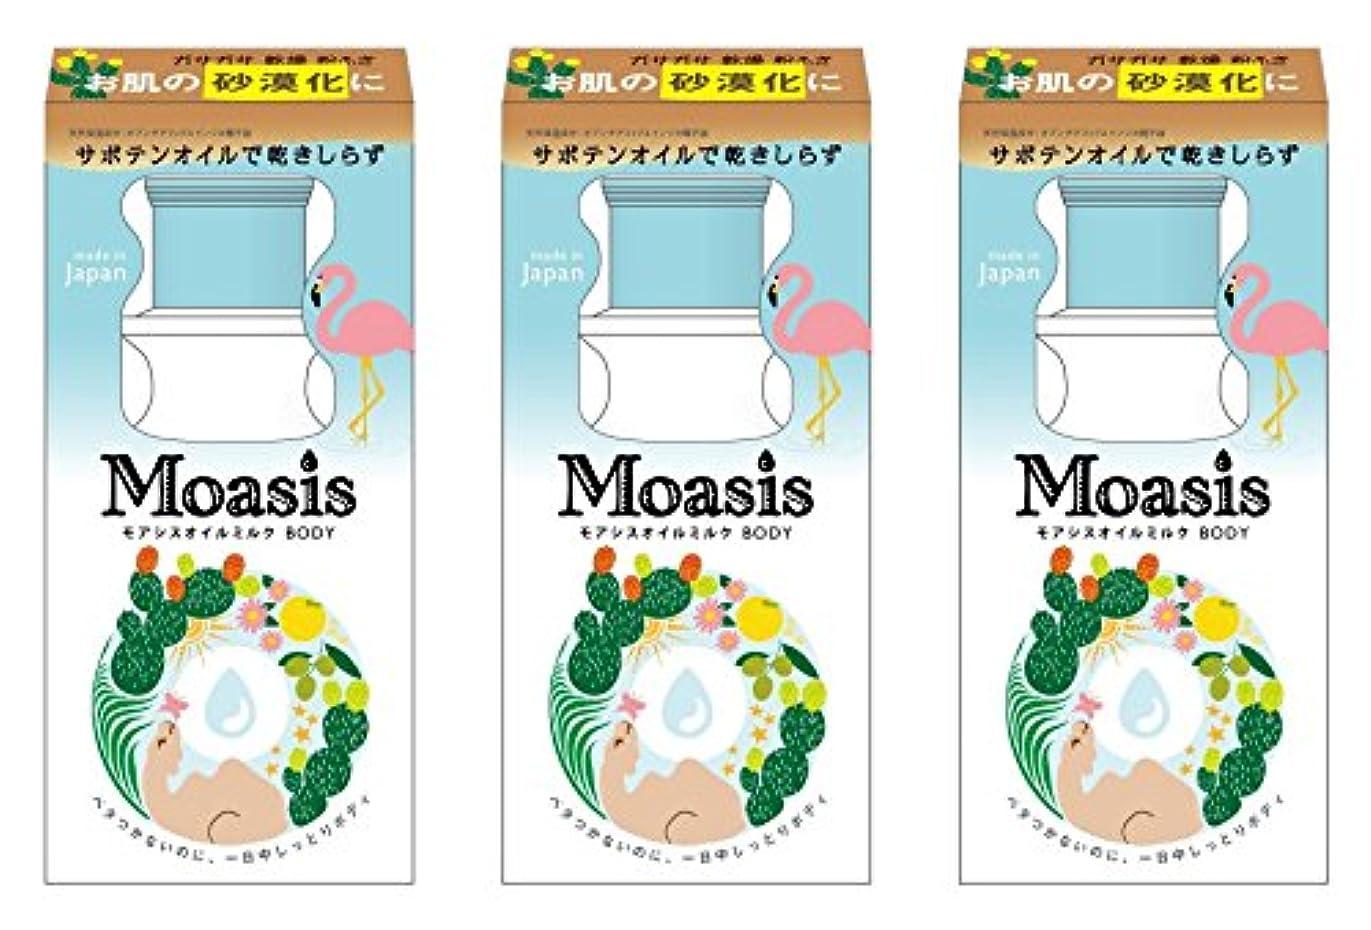 植木面倒お肉[セット品]モアシス しっとり オイルミルク 100g × 3個セット